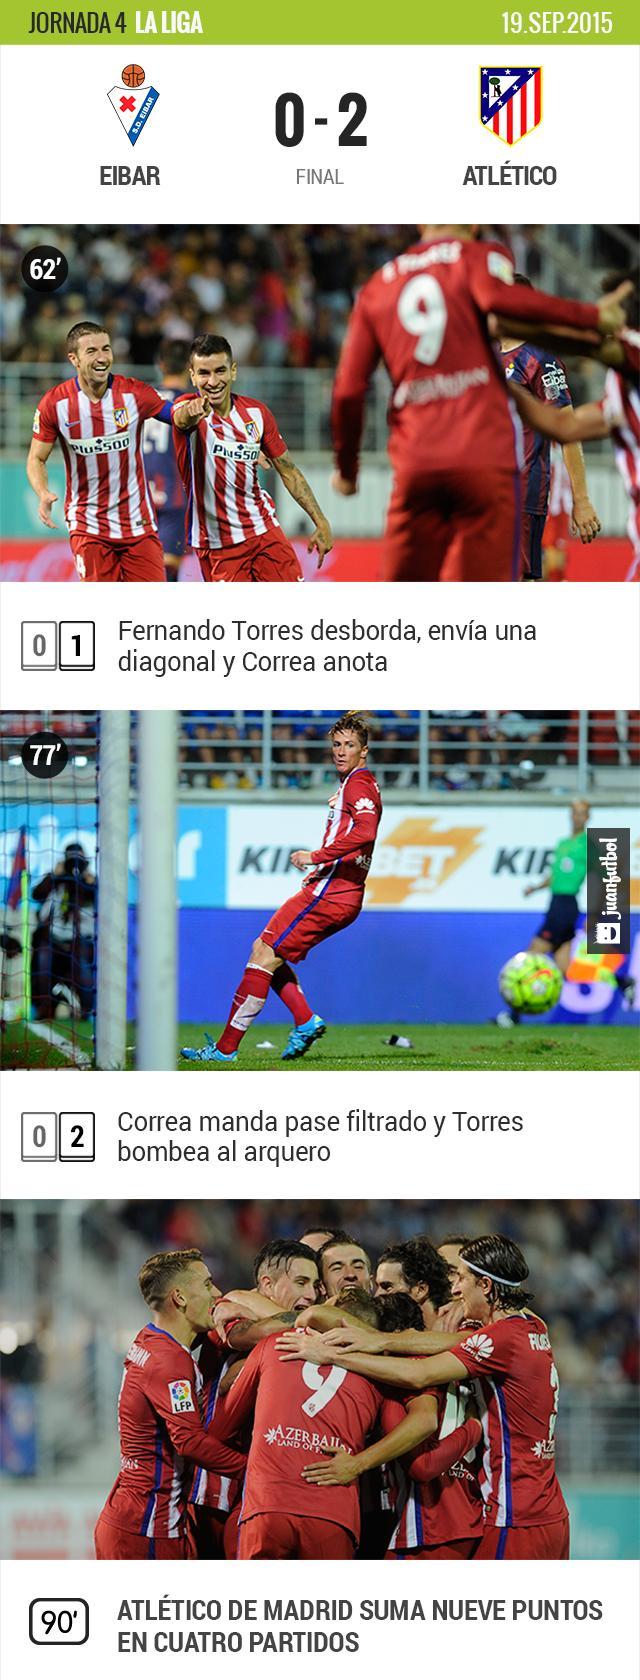 Atlético de Madrid vence de visita al Eibar con goles de Torres y Correa.